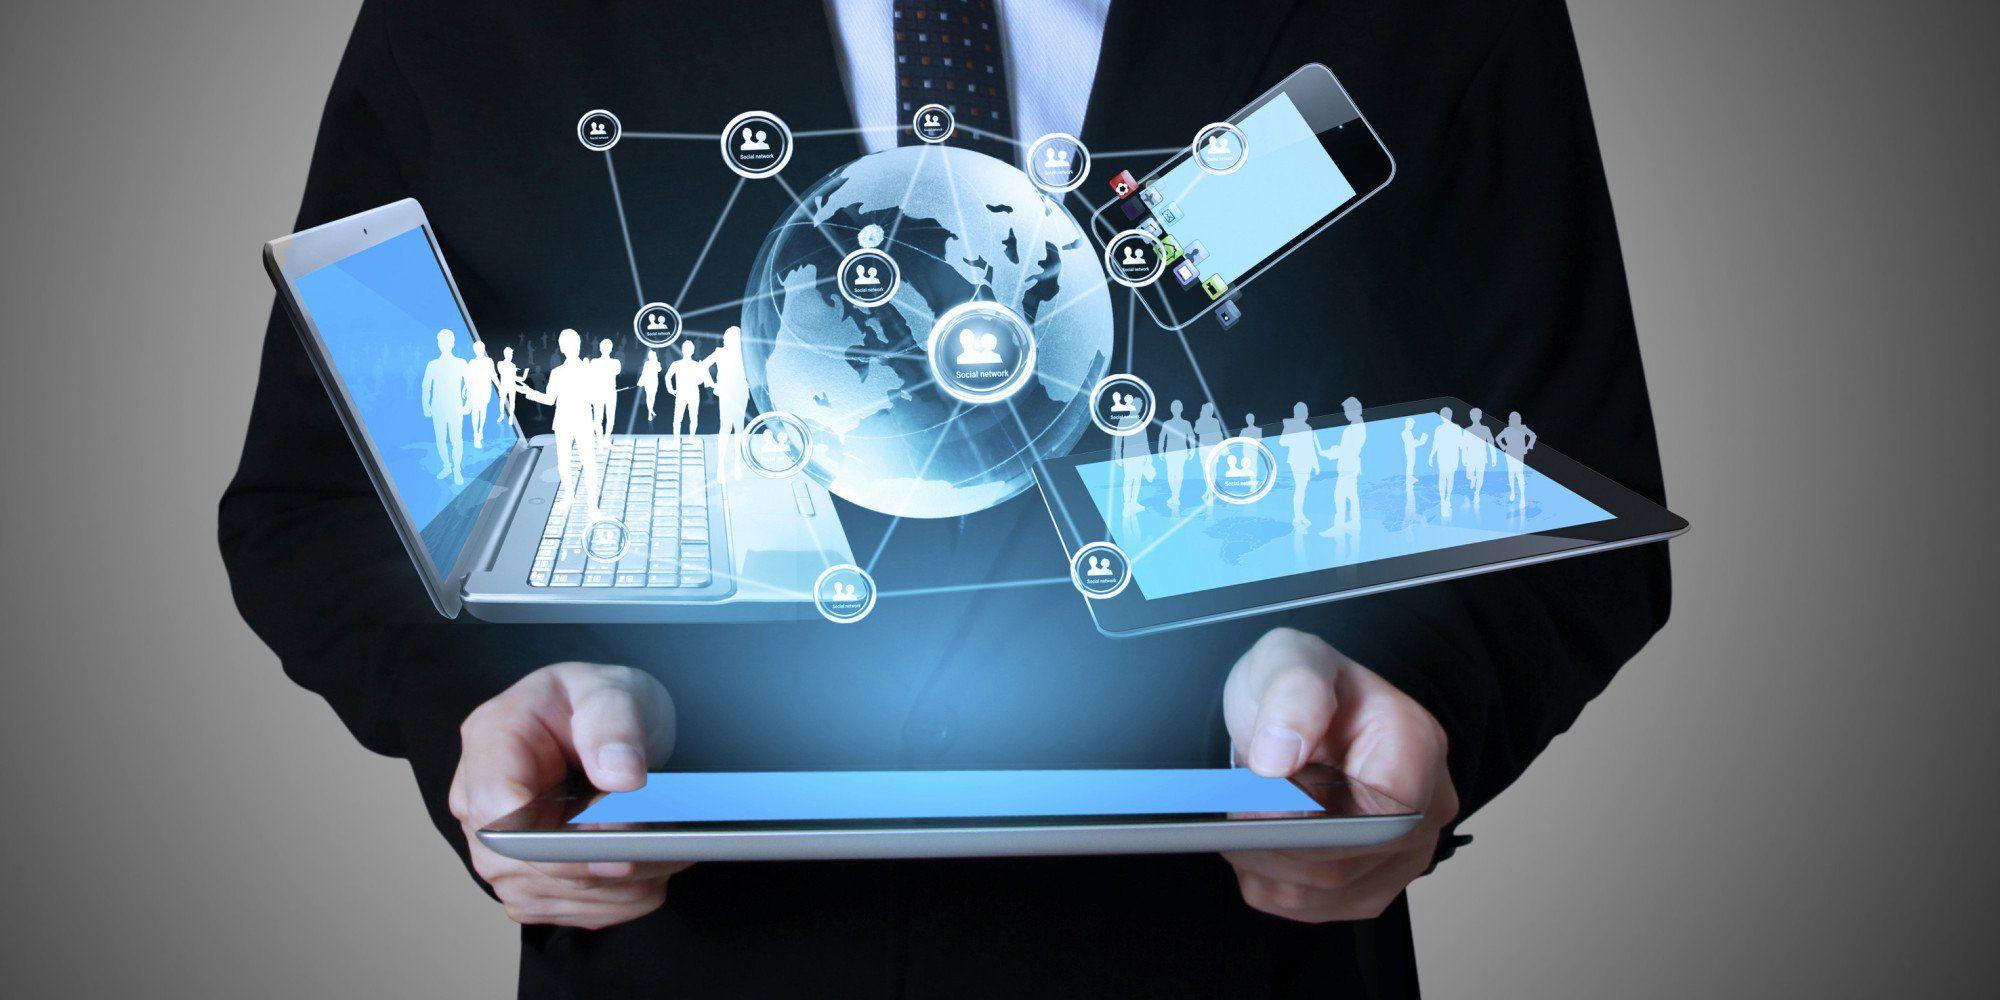 La mercadotecnia digital no sólo se refleja estrategias que tienen relación con internet, sin embargo, gran parte de las herramientas que se utilizan sí tienen relación directa con este medio, las cuales, en ocasiones, pueden llegar a ser complejas de aplicar y entender.